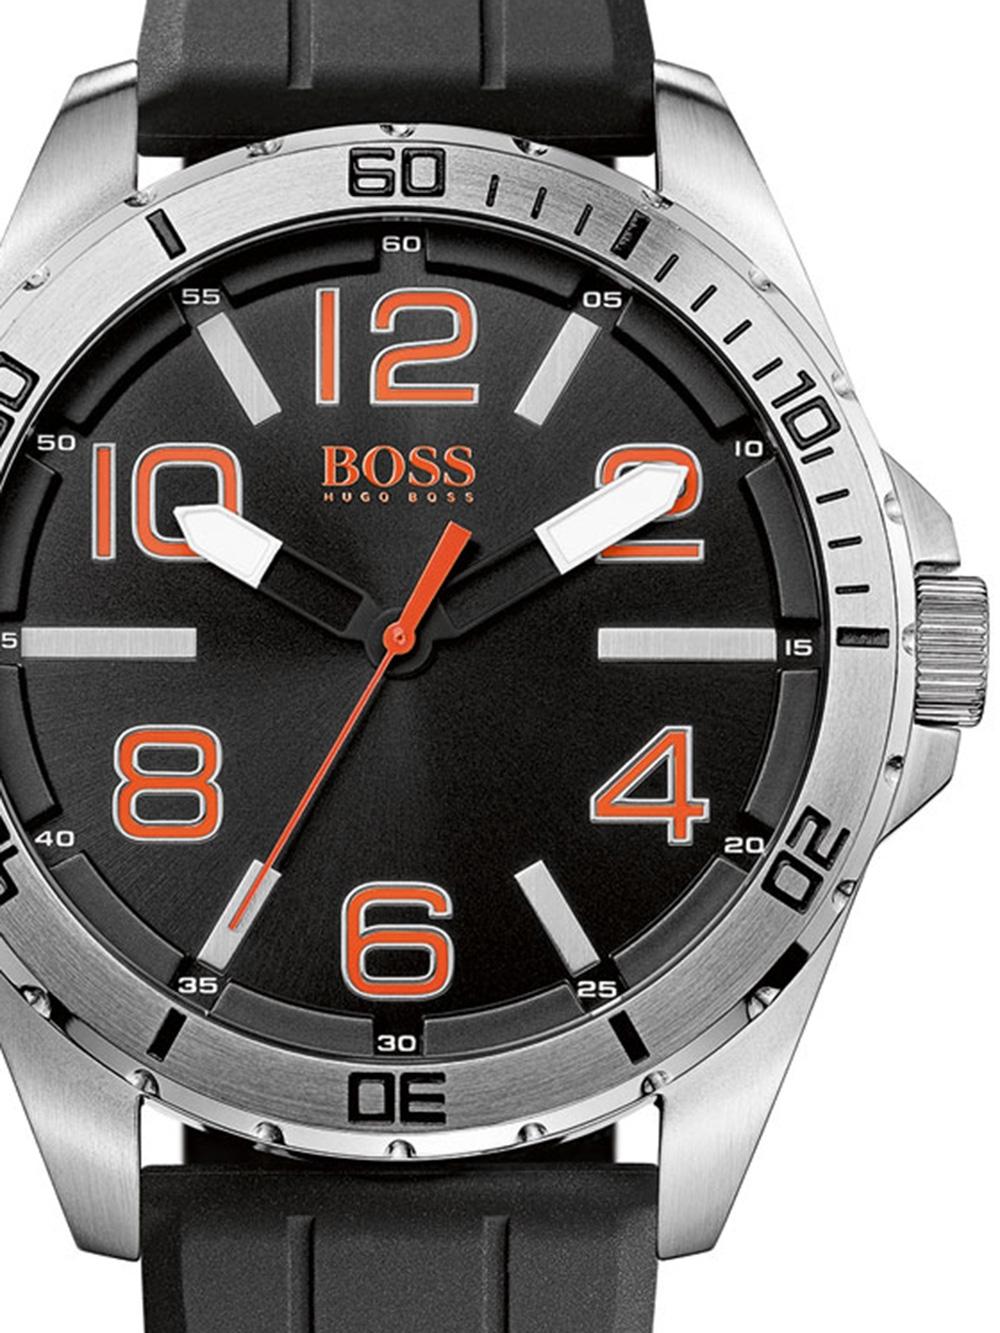 BOSS ORANGE 1512943 Herren schwarz silber orange 48 mm